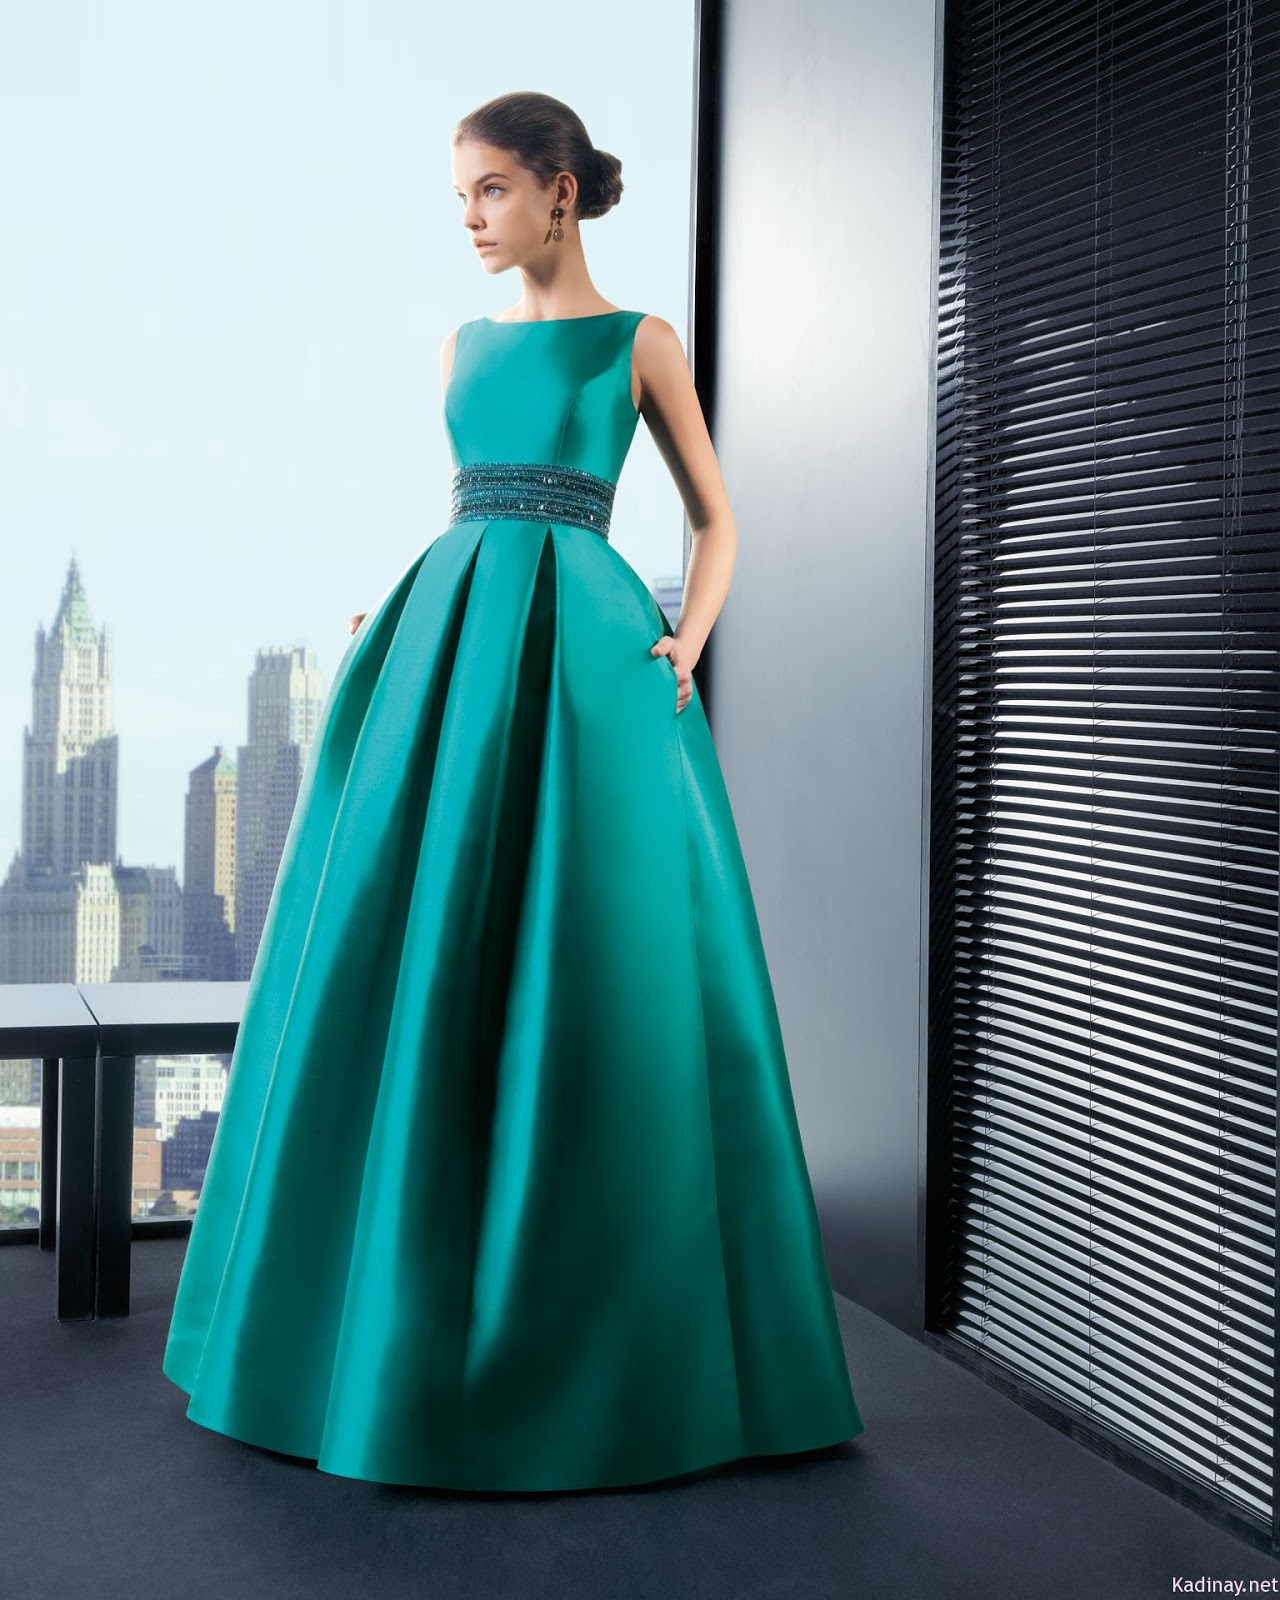 Fotos 2013 arkas uzun elbise abiye modelleri picture - 2012 2013 Abiye Modelleri